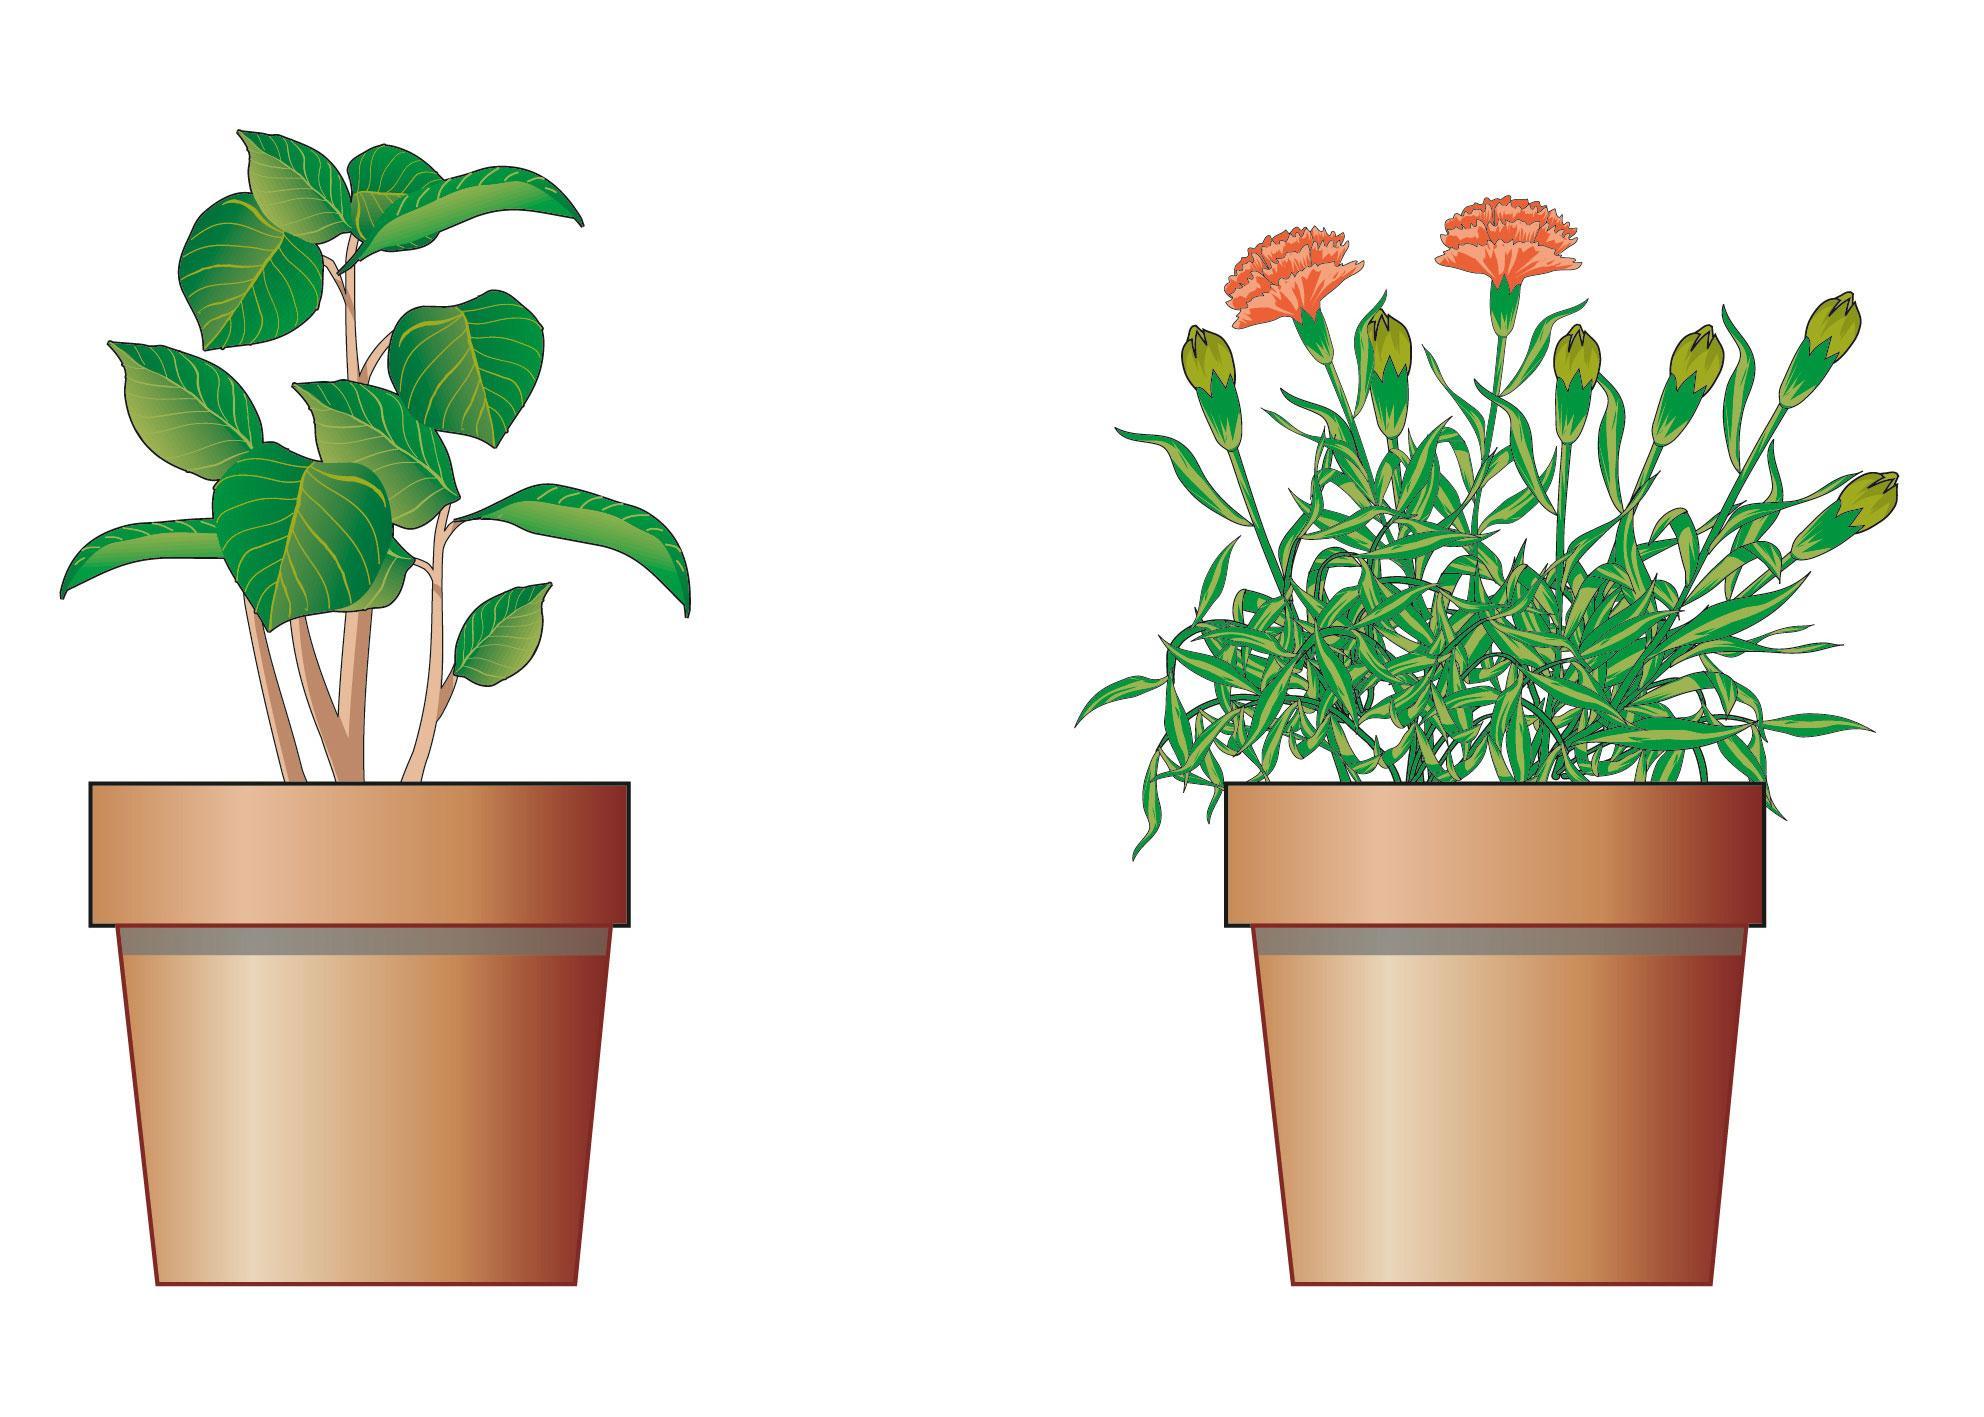 Regole per acquistare le piante da interni - Cose di Casa